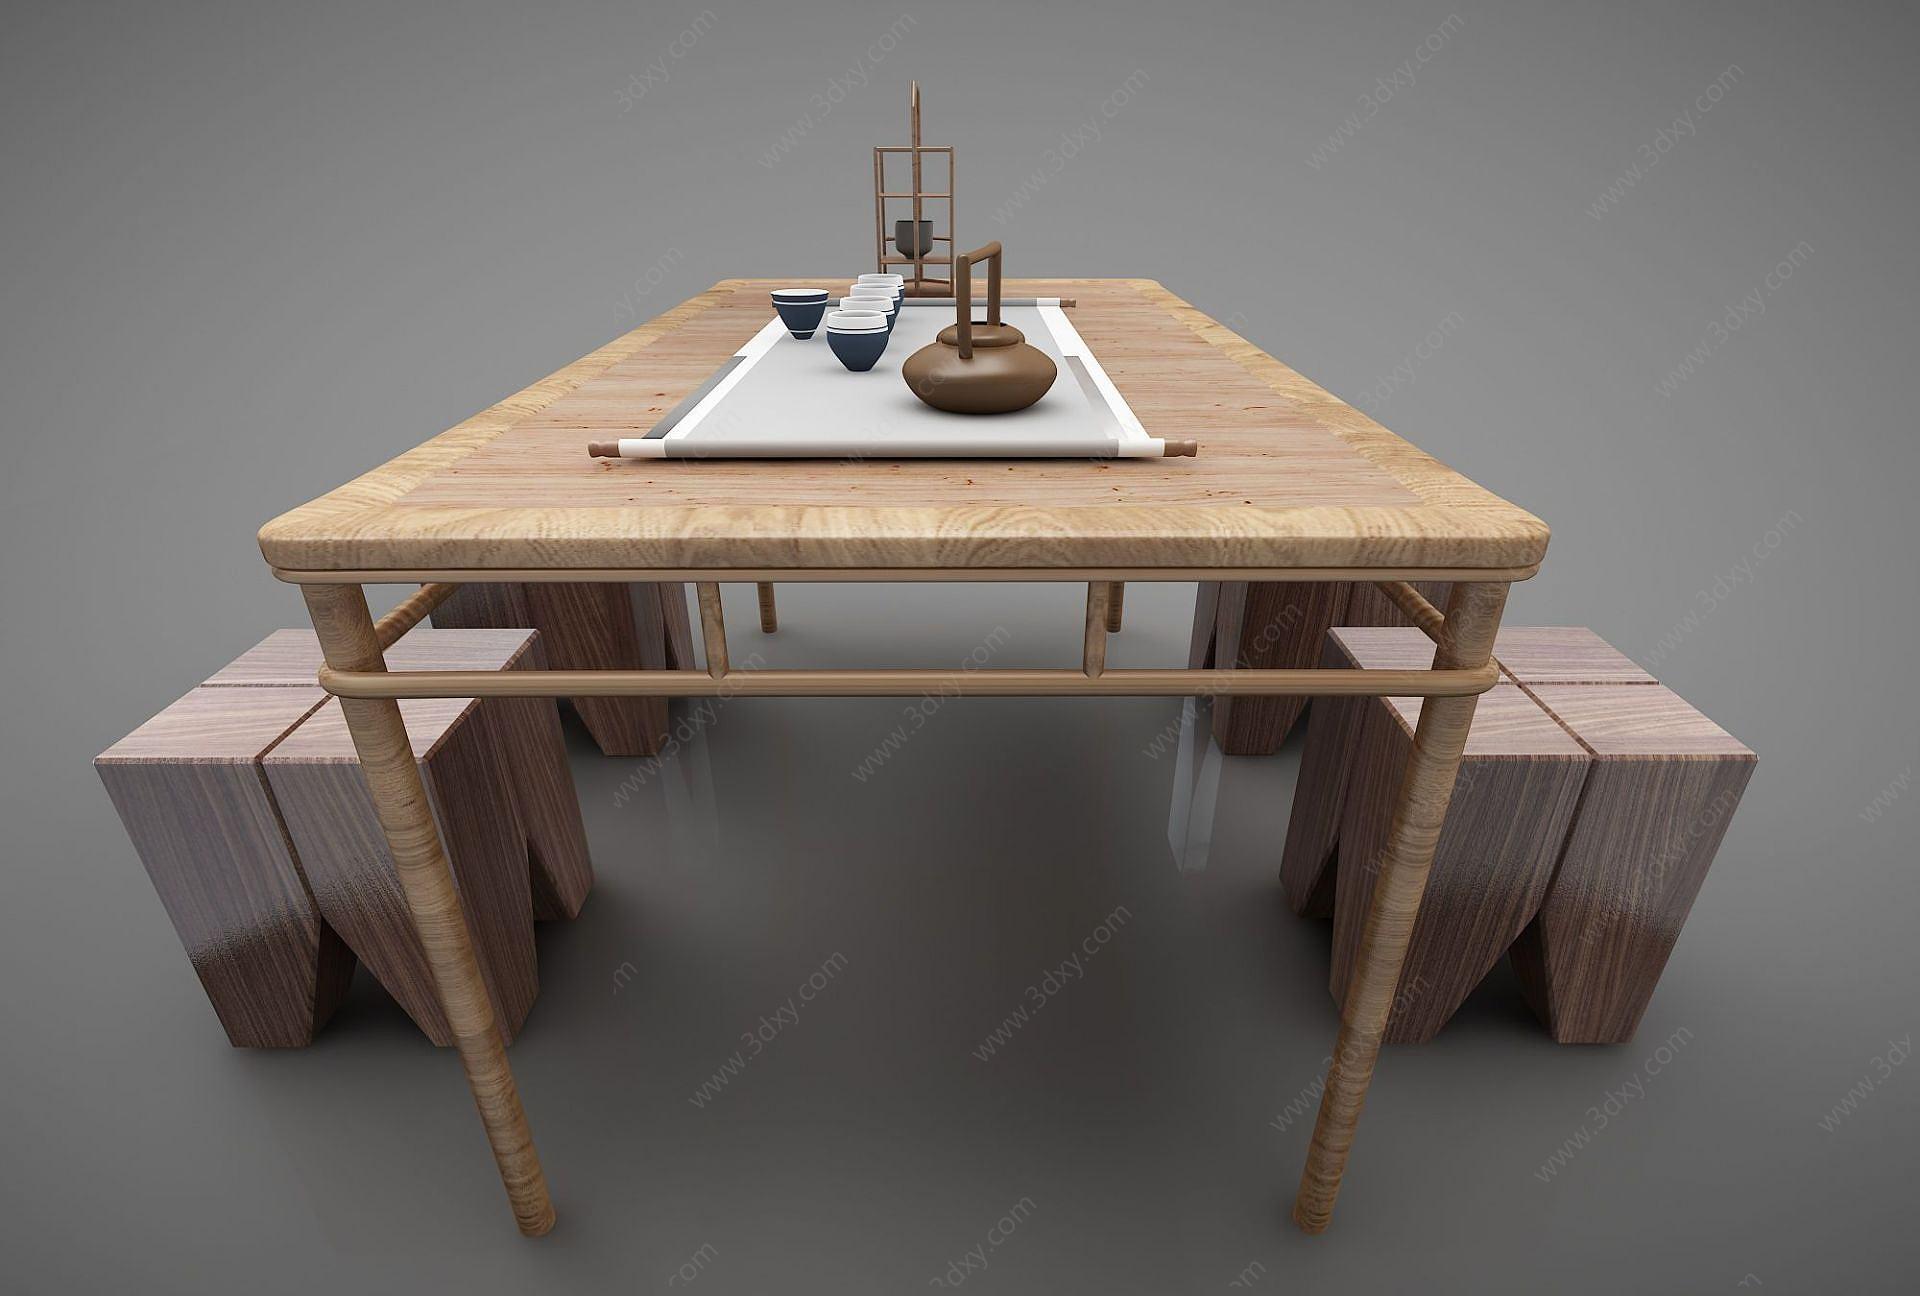 現代風格茶桌椅